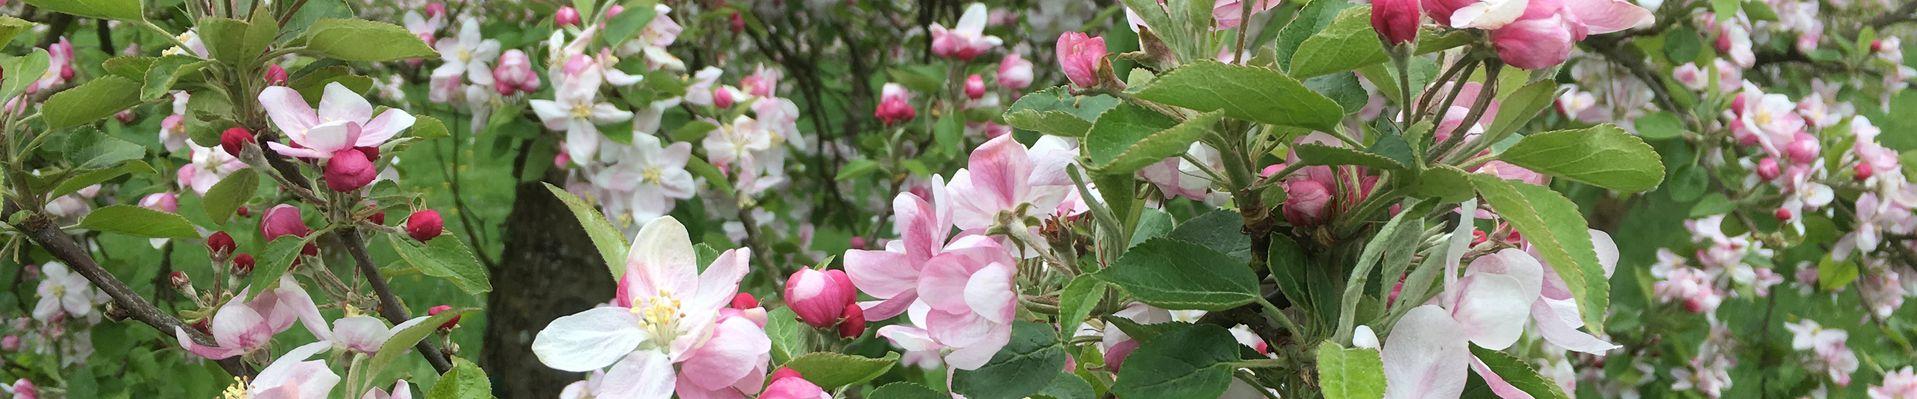 printemps32017